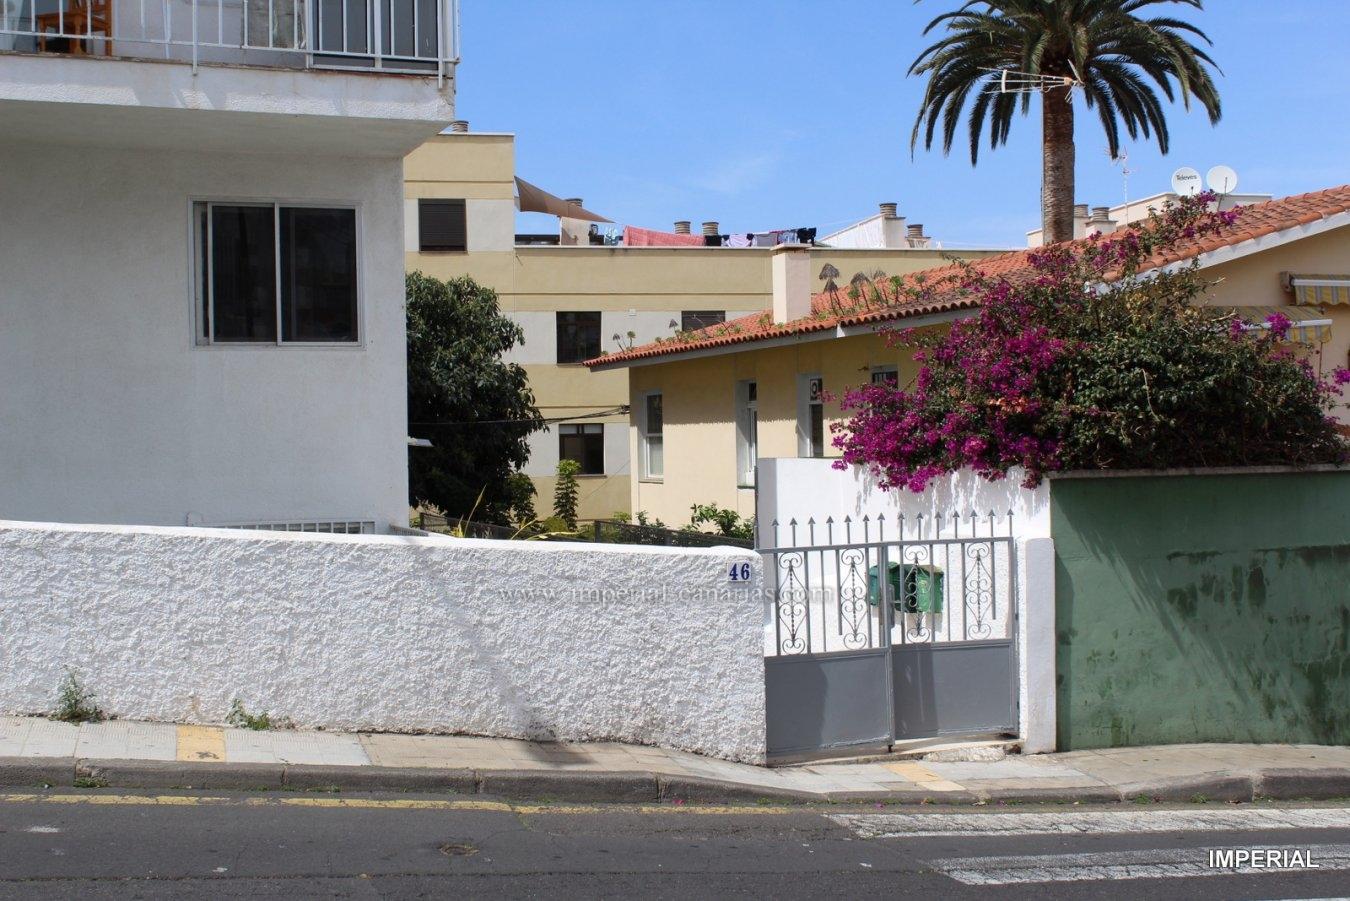 Gemütliche Wohnung komplett renoviert mit großer Terrasse und Garten mit vielen Möglichkeiten in der Gegend von San Fernando.